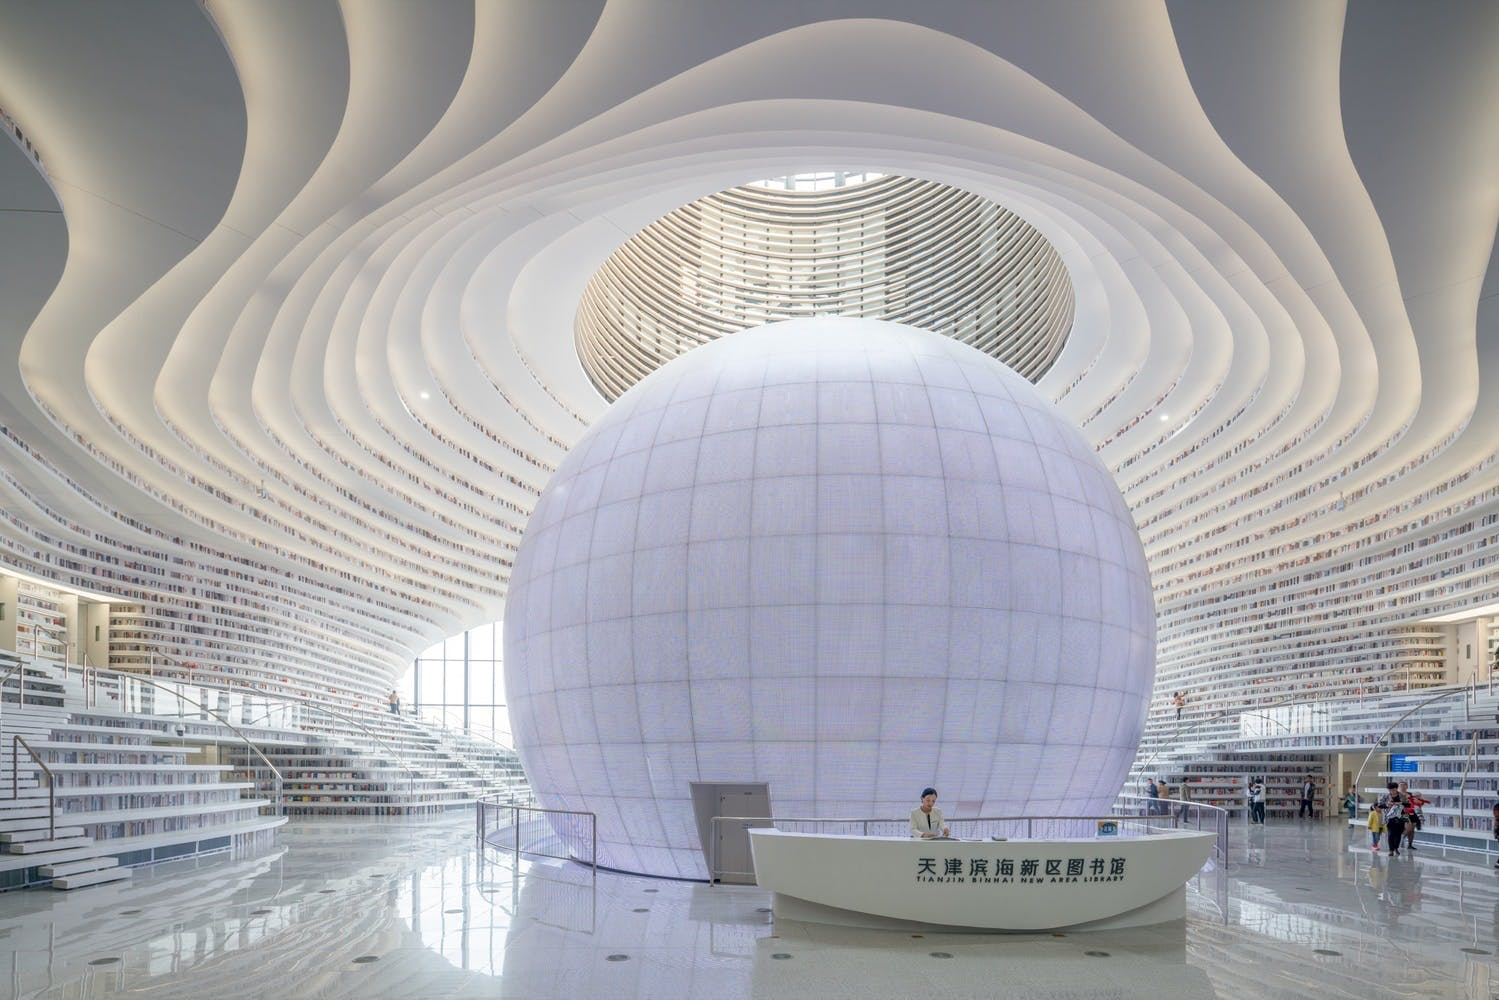 bibliotek kina arkitektur struktur bøger design øje